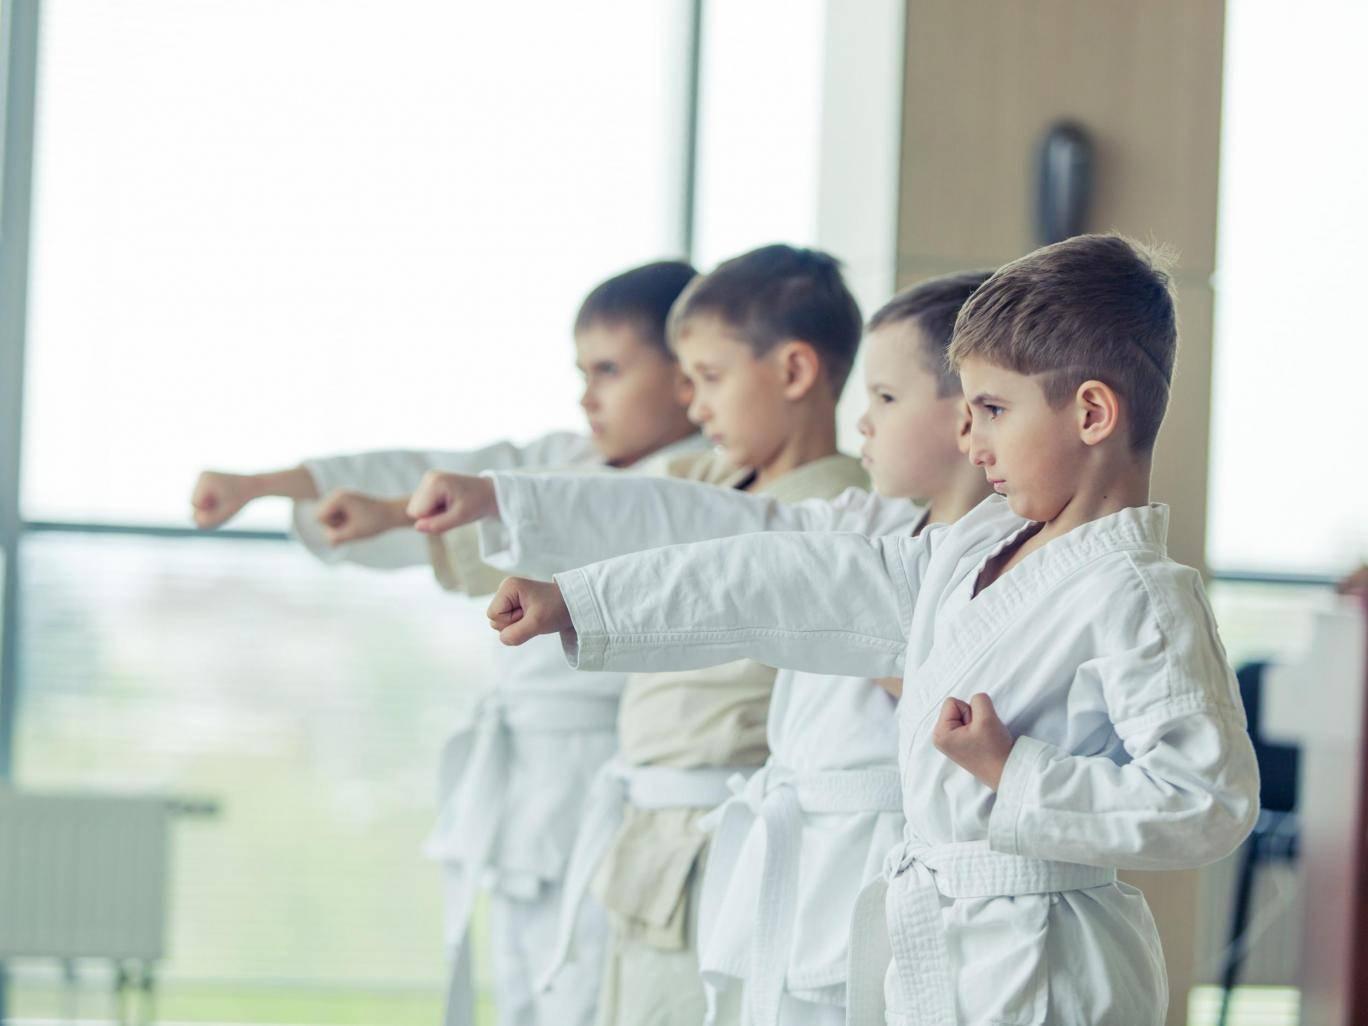 研究证实:无论老少练武术都可增强脑力